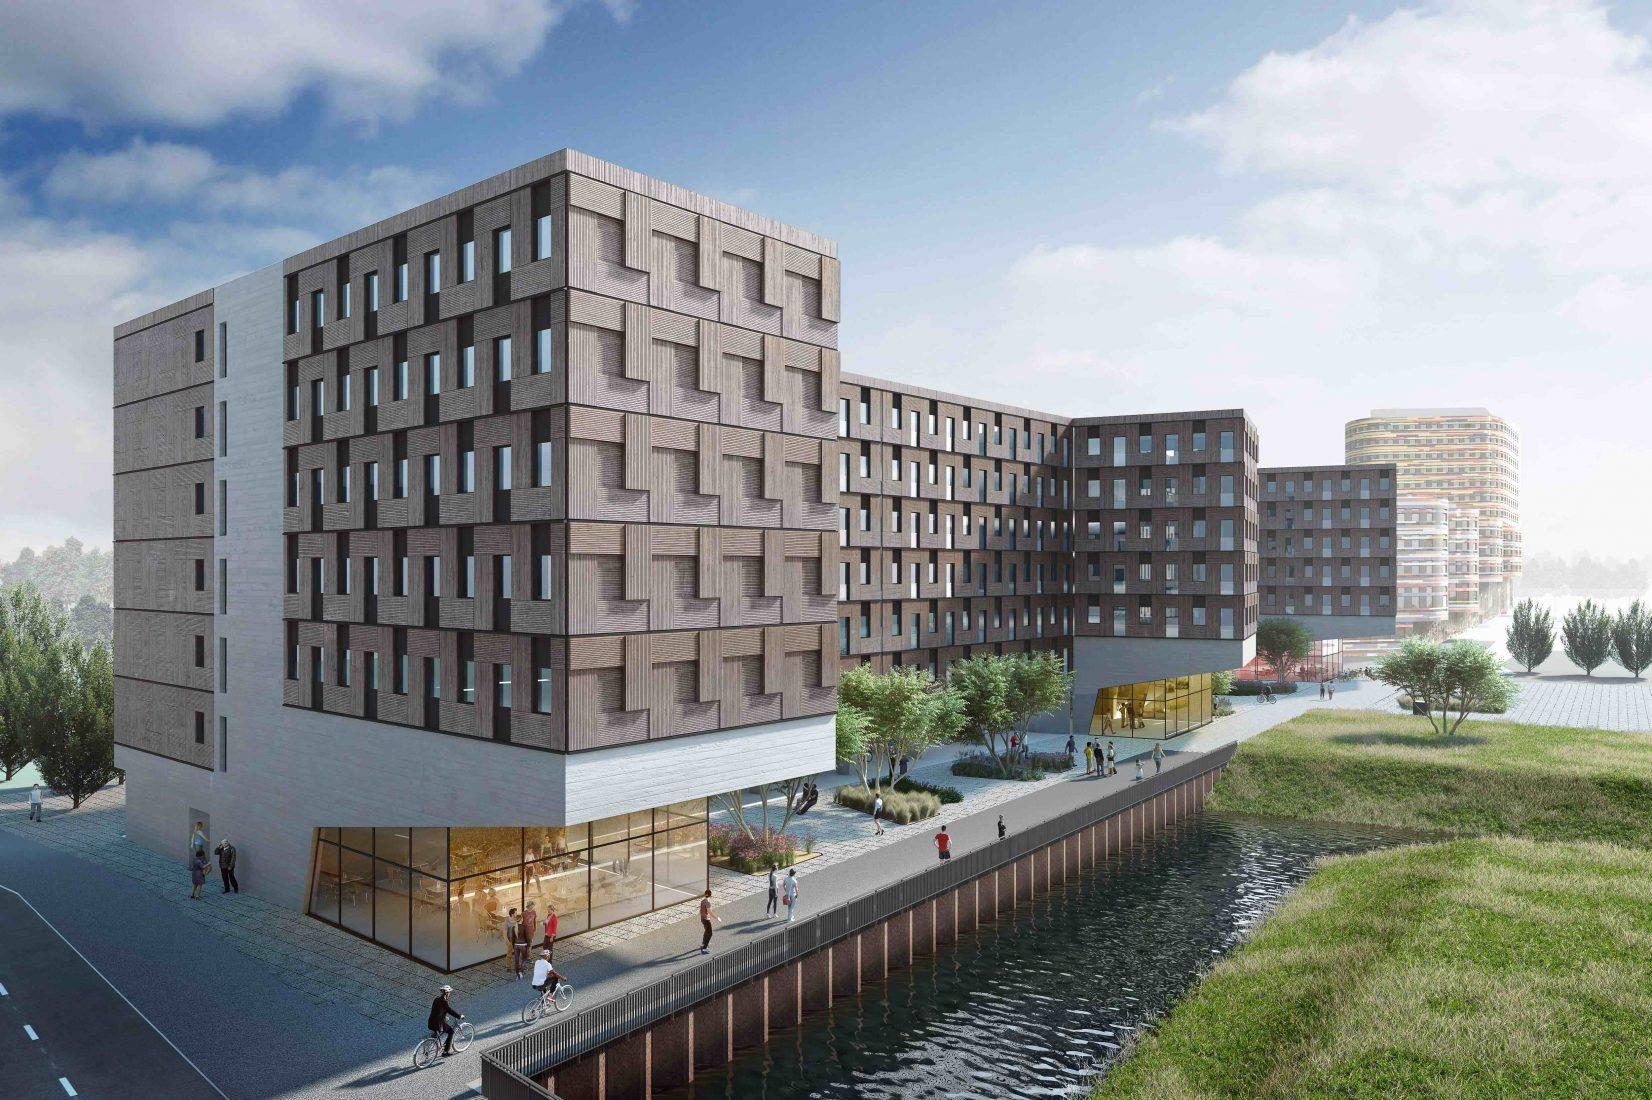 """Das Hamburger Studentenwohnheim """"Woodie"""" besteht aus aufeinandergestapelten Massivholz-Modulen in Container-Form. Grafik: Woodie Hamburg"""